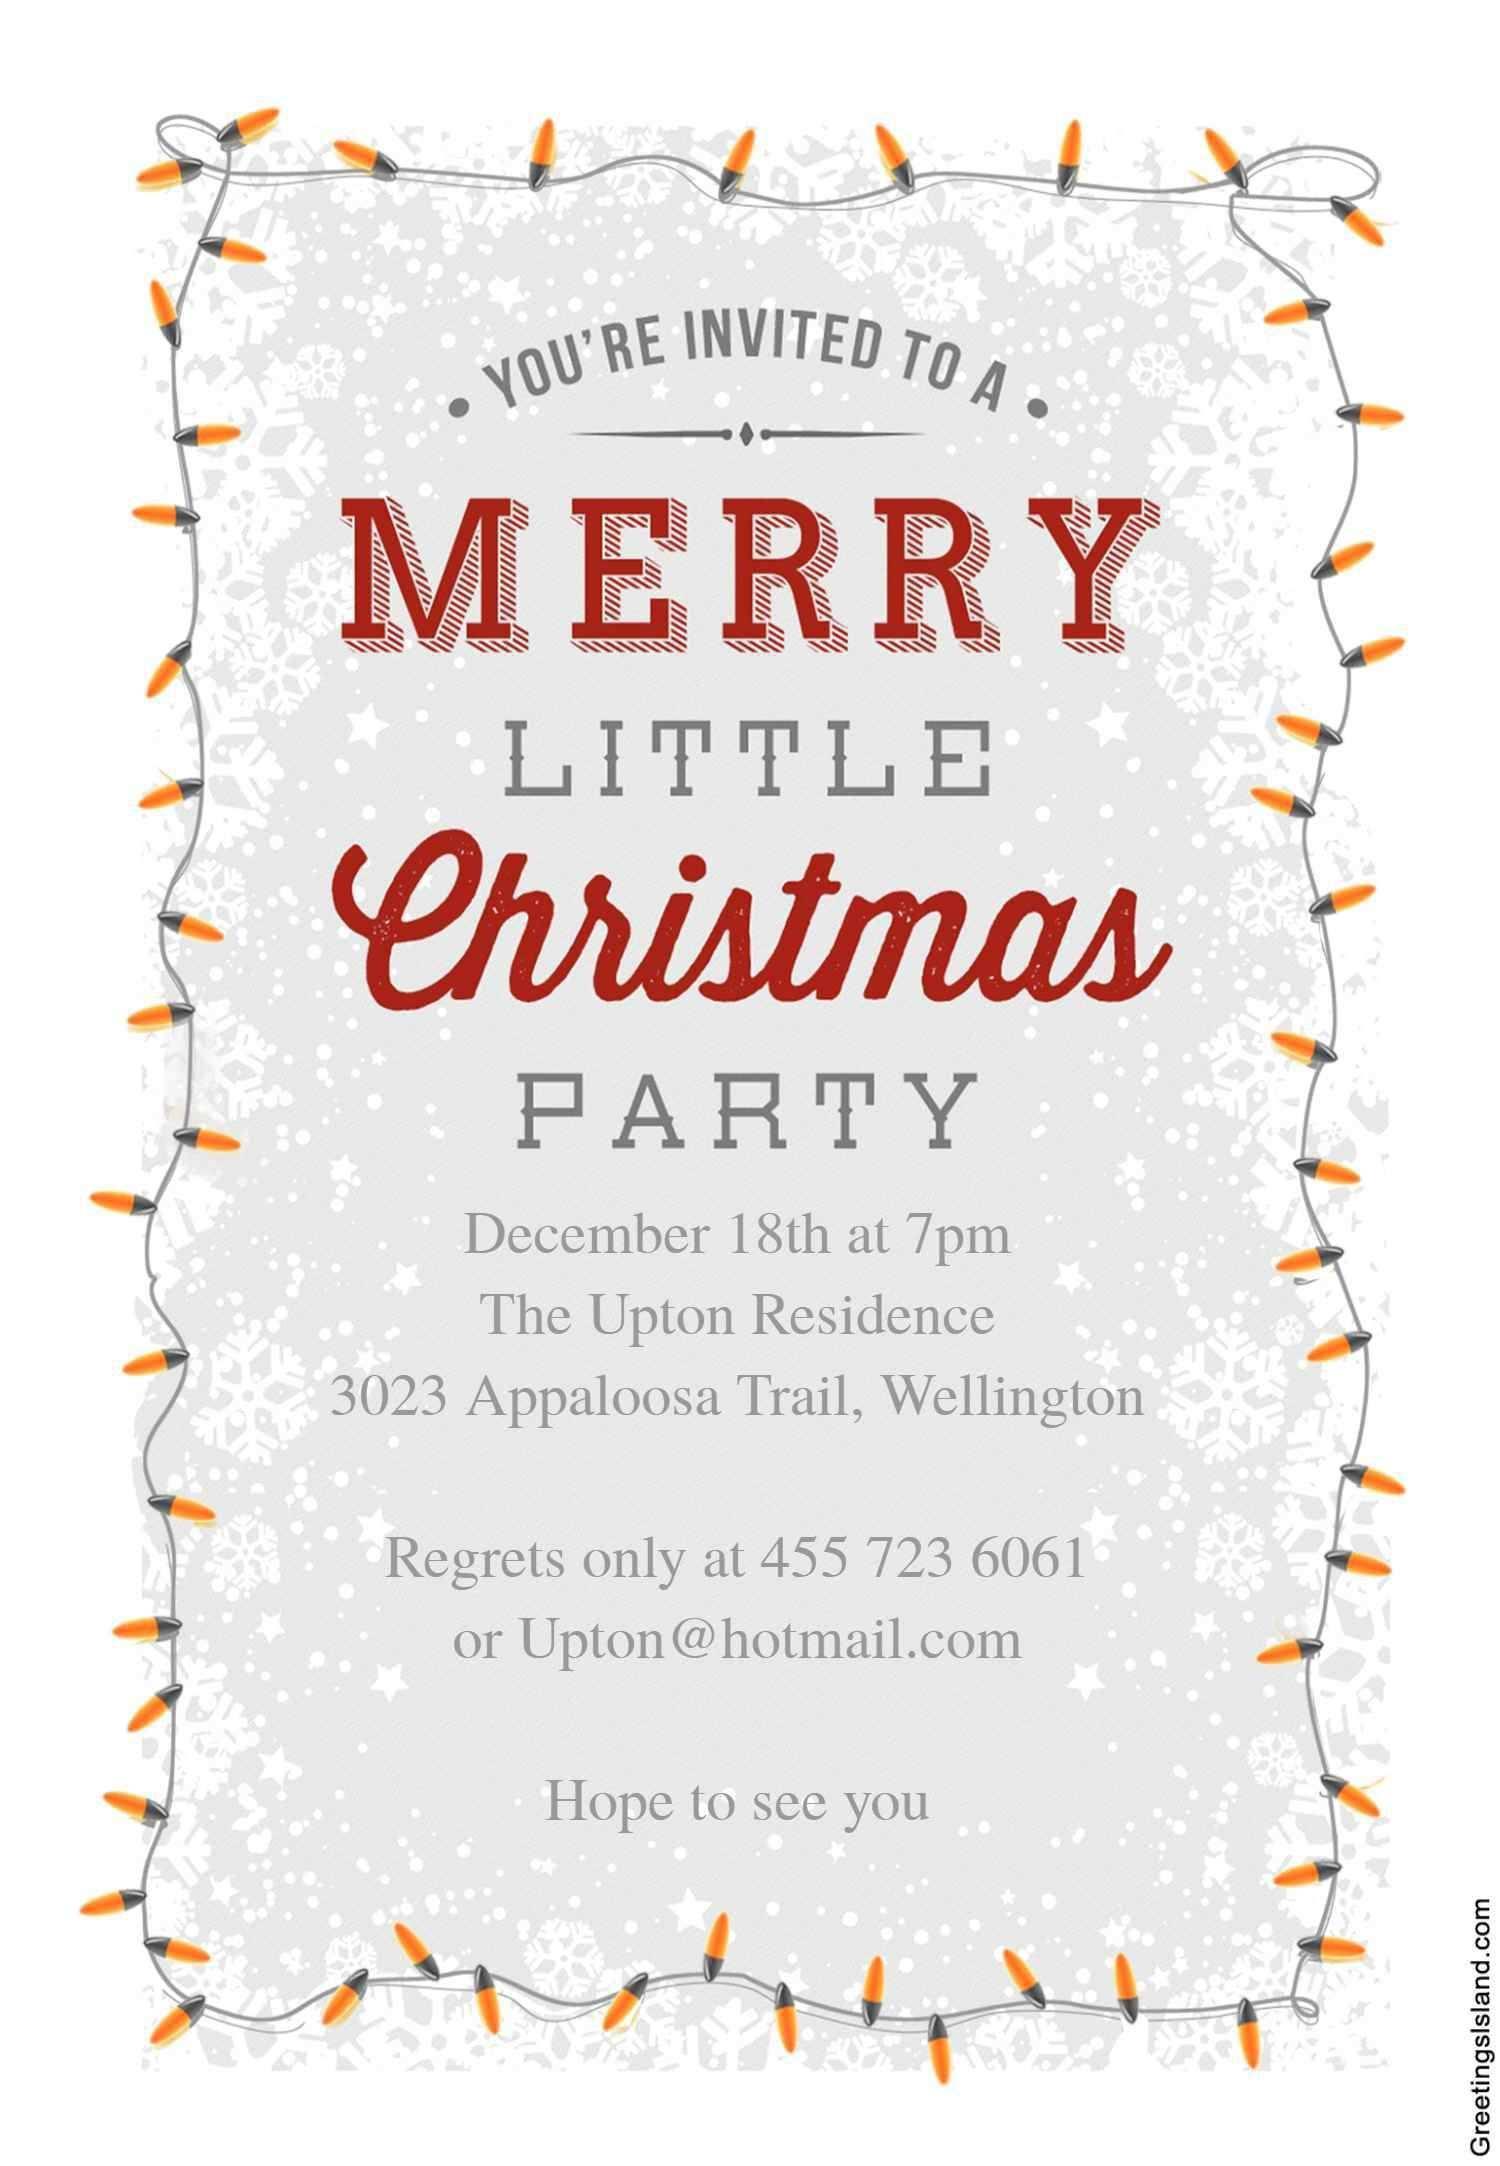 Einladung Weihnachtsfeier Feuerwehr Einladung Weihnachtsfeier Formulierung Einladung Weihnachtsfeie Einladung Weihnachtsfeier Weihnachtseinladungen Einladungen